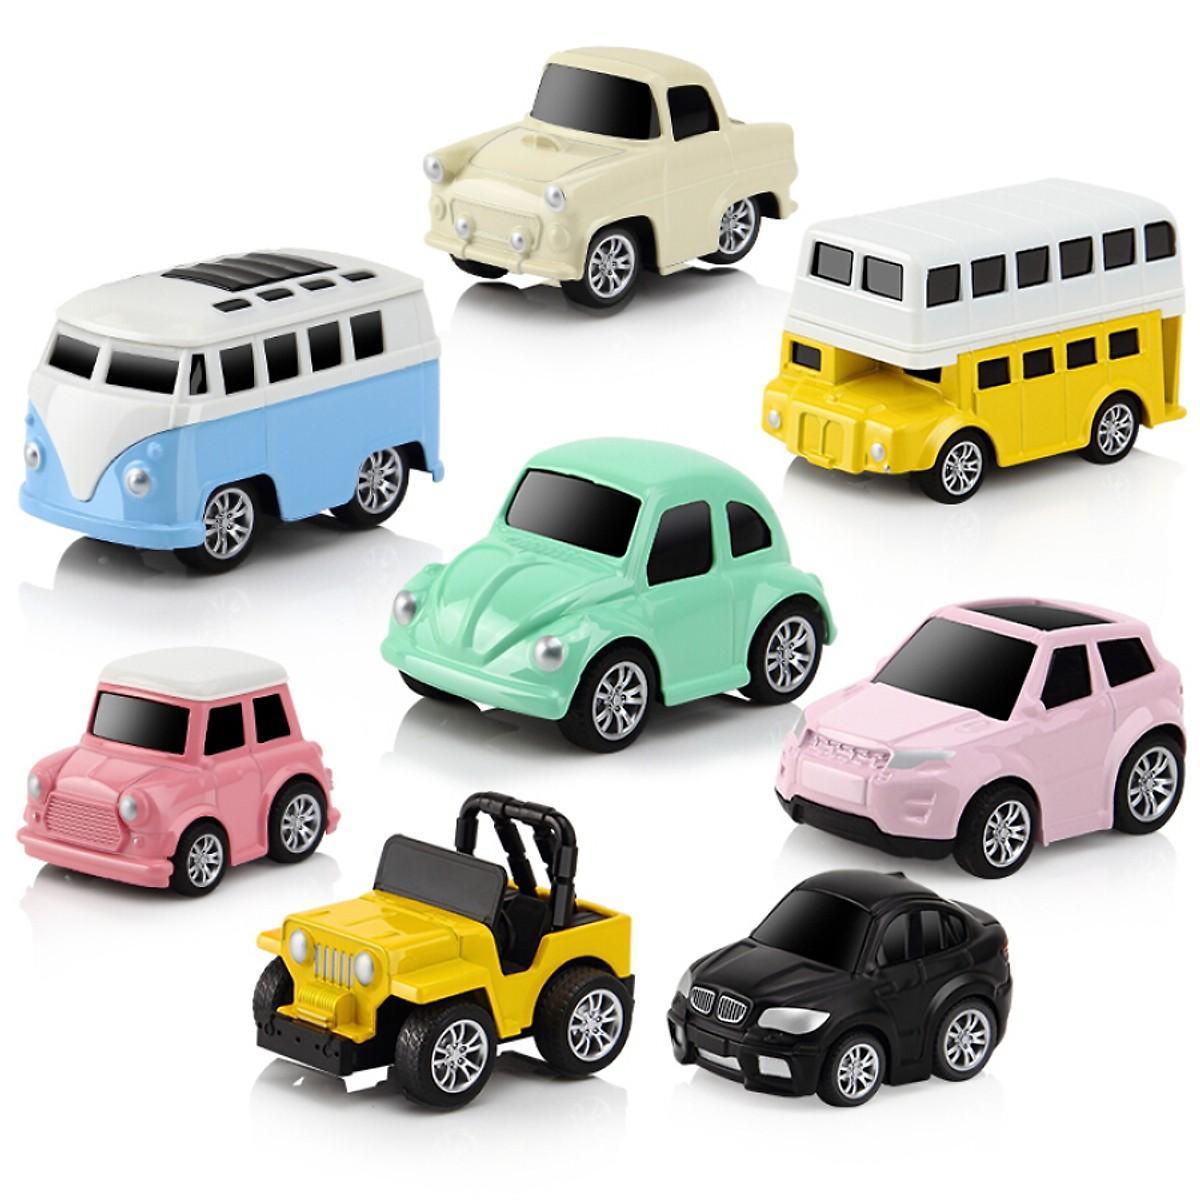 Ưu Đãi Giá cho Bộ 8 Ô Tô Mô Hình Bằng Sắt MINI CAR - Đồ Chơi Cho Bé Trai